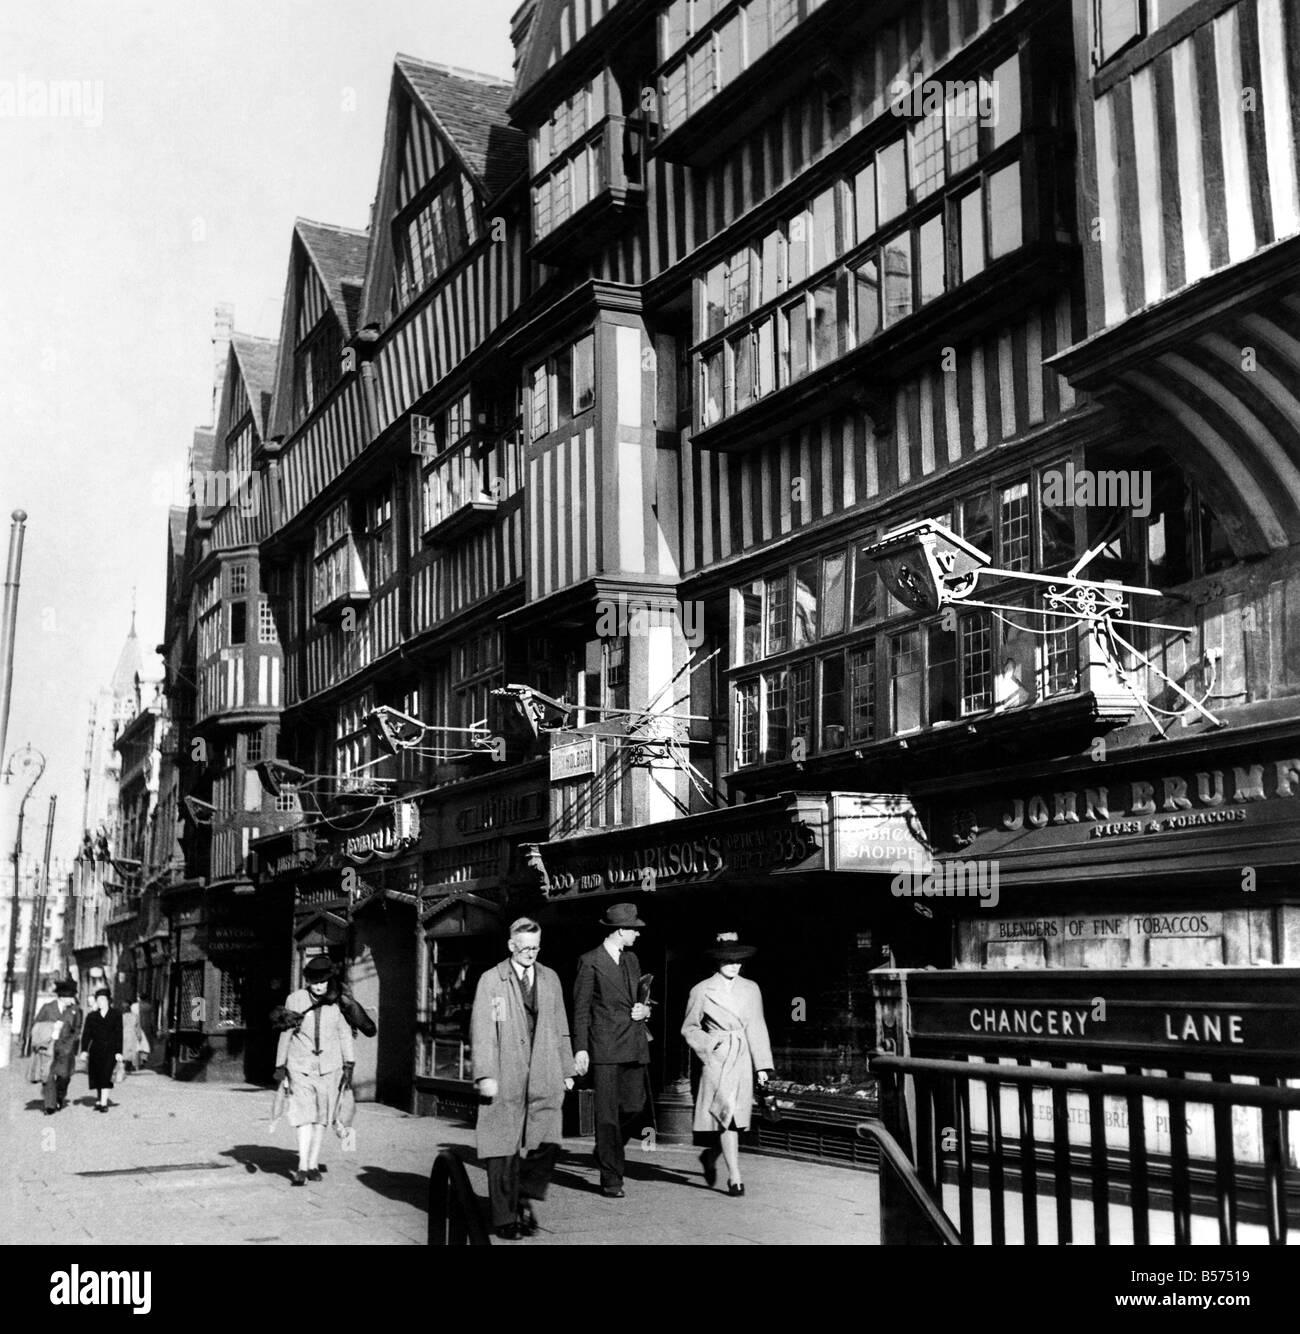 Staple Inn, Holborn one of the few genuine mediaeval buildings left in London. Staple Inn is one of the quietest - Stock Image